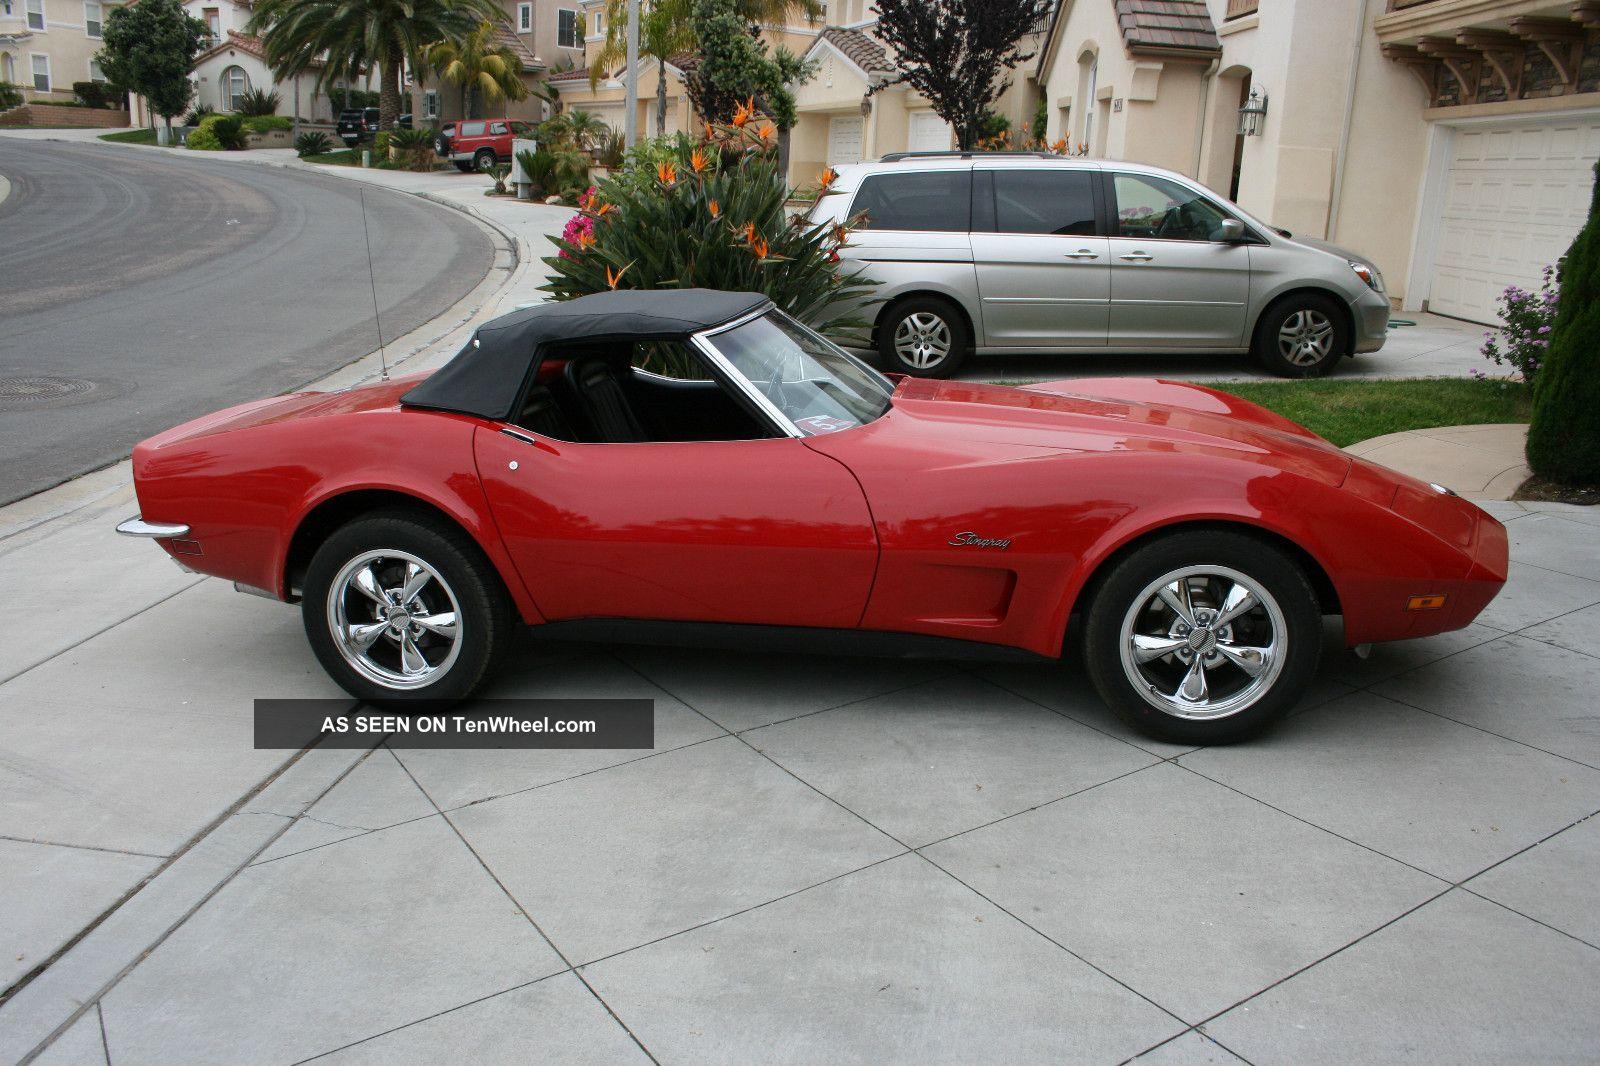 1973 corvette l82 stingray convertible corvette photo 2. Cars Review. Best American Auto & Cars Review